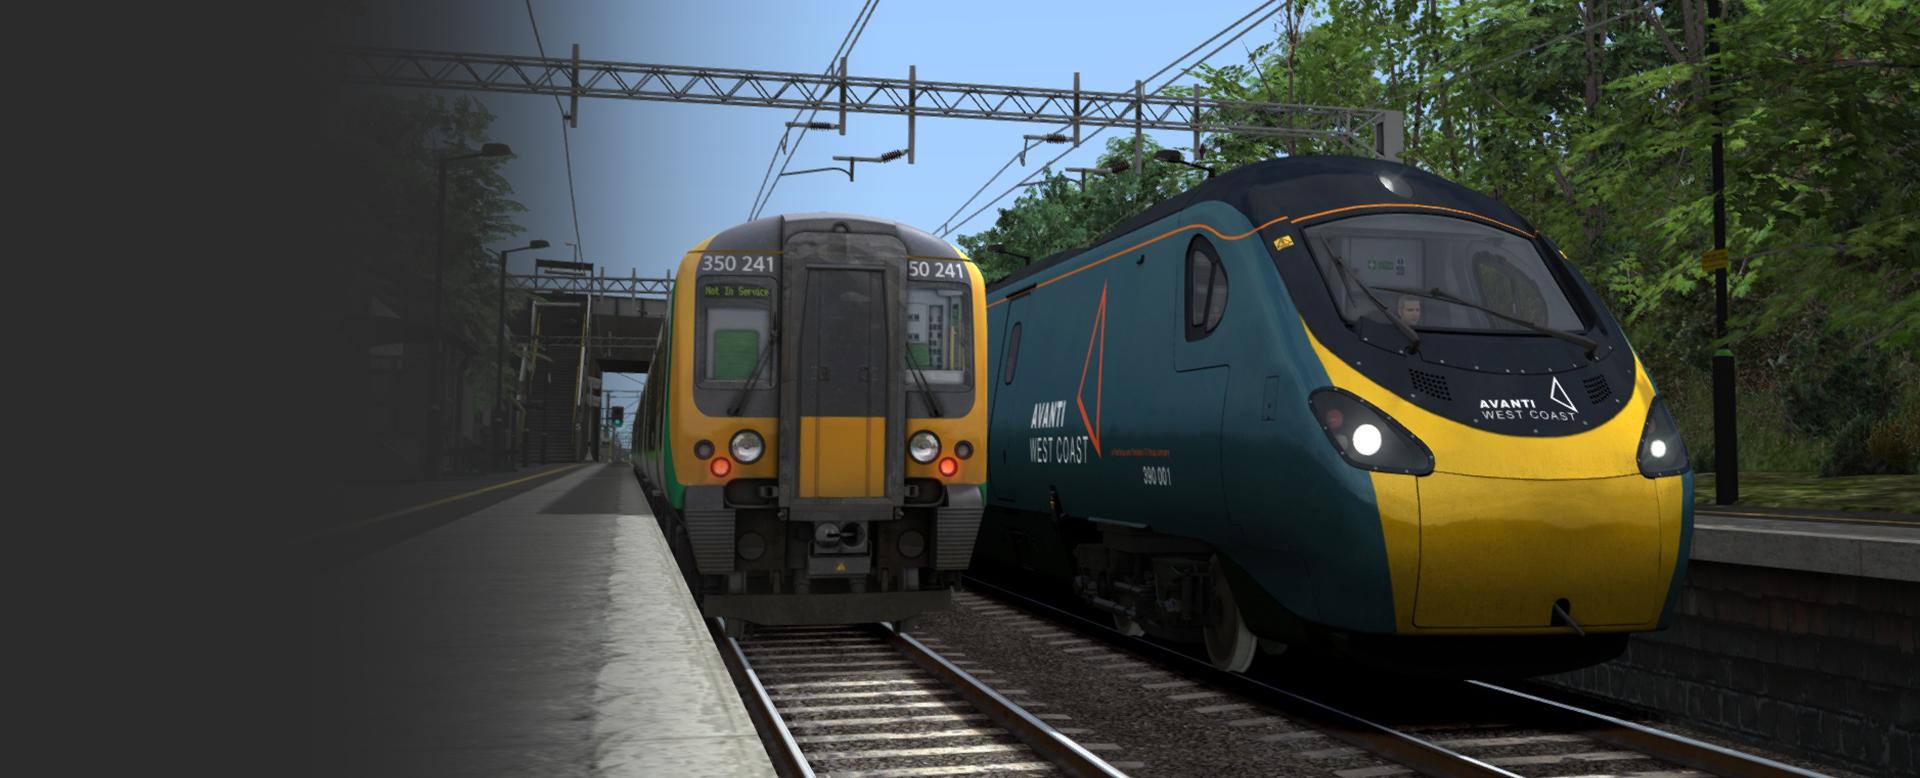 Zsírégetés tren t3 - Lehet lefogyni a as éveiben?